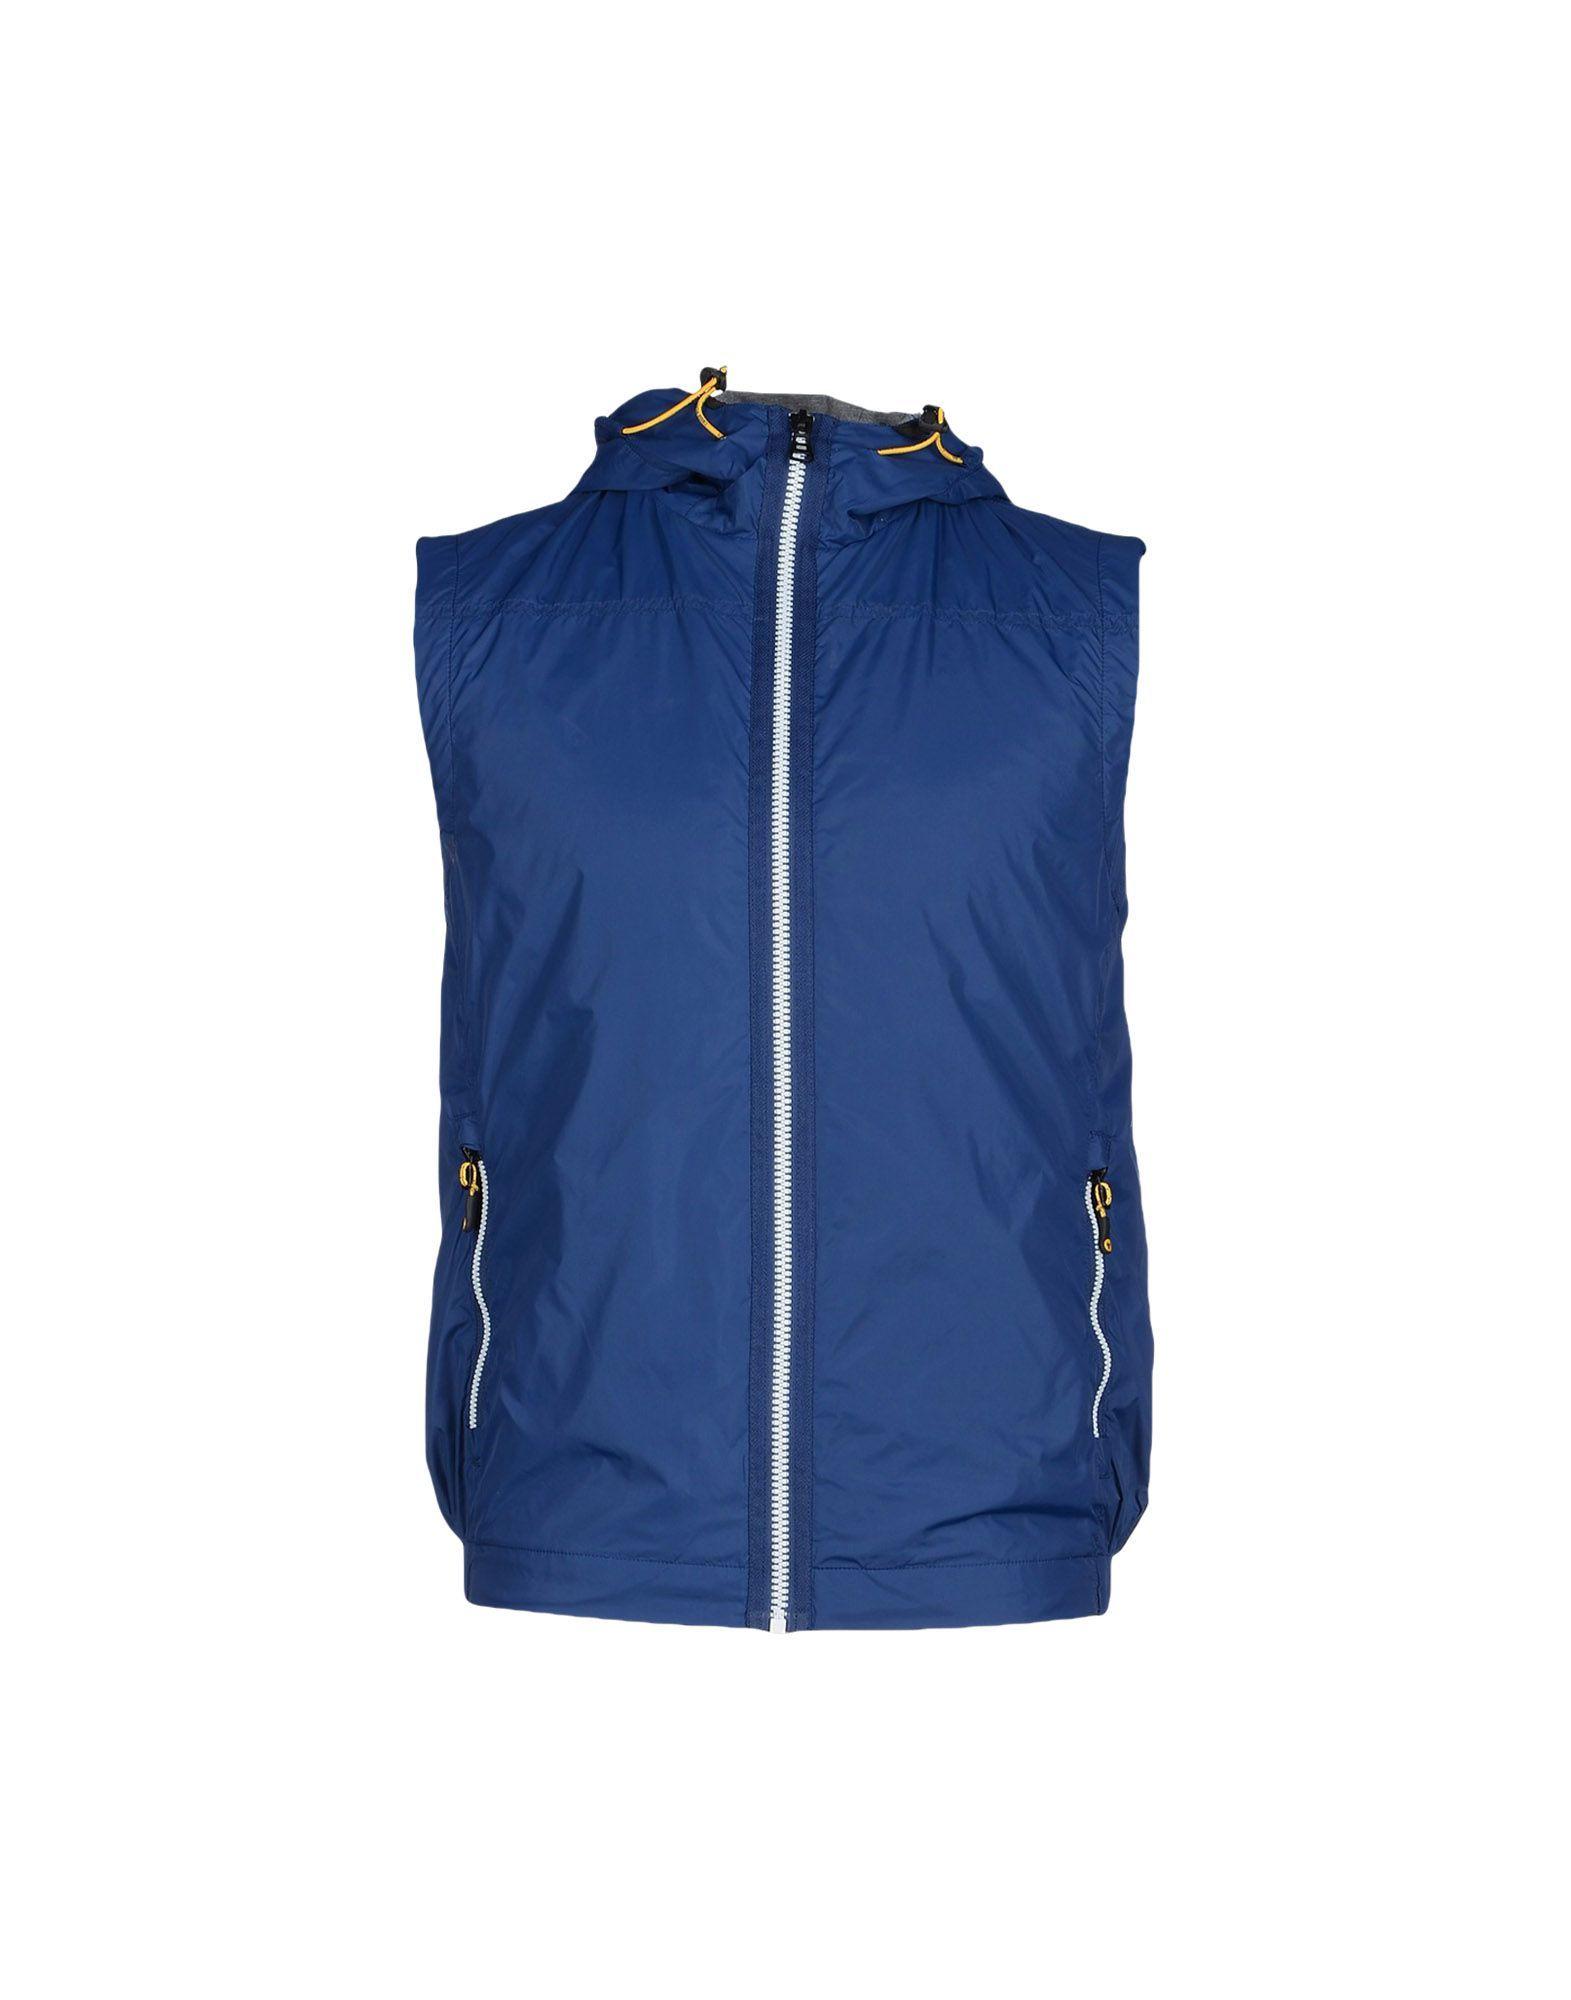 Ciesse Piumini Blue Men's Nylon Jacket